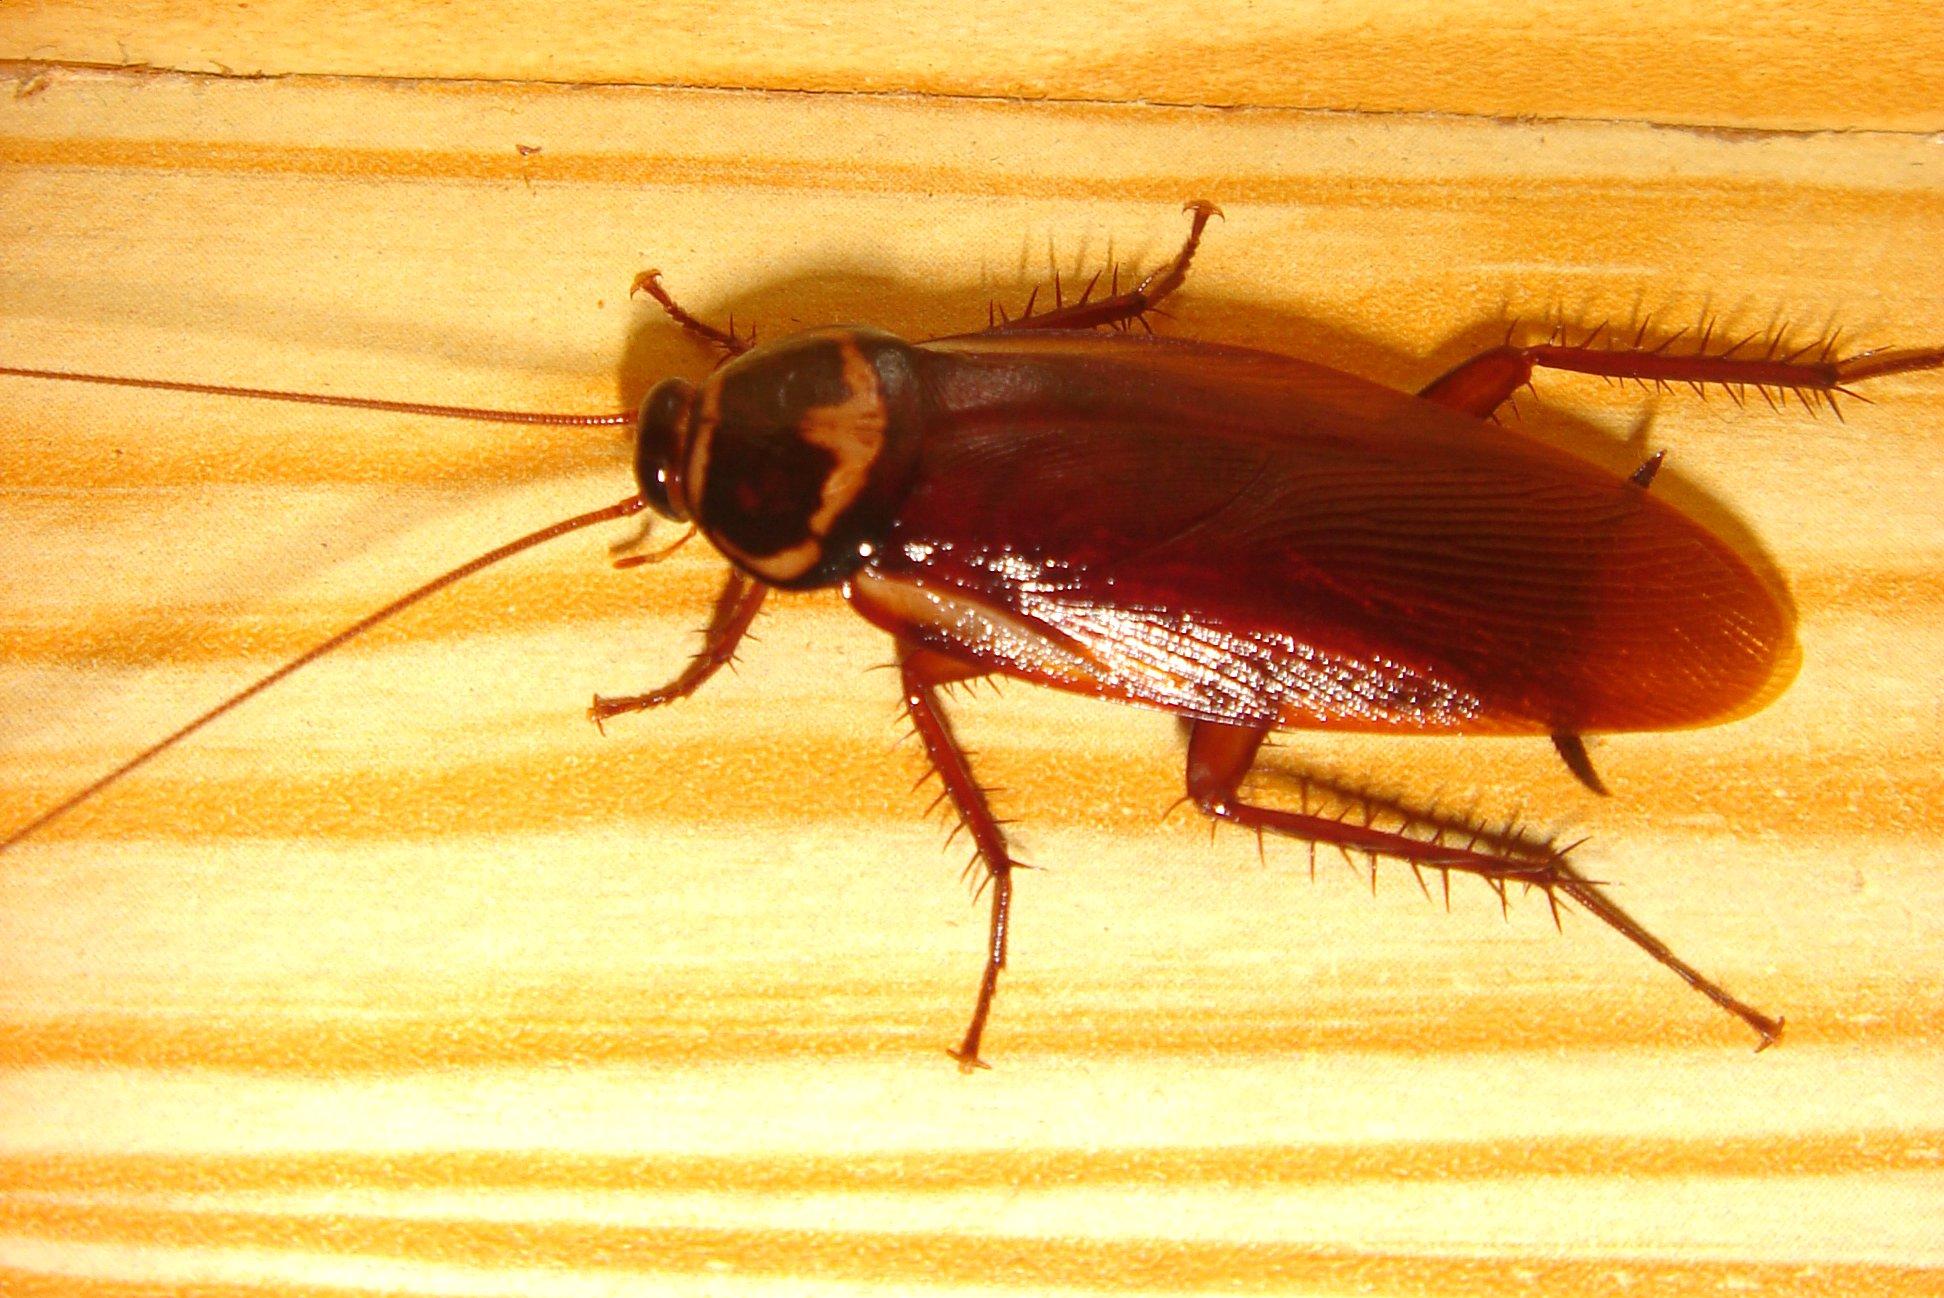 Почему тараканов называют стасиками – 4 причины появления прозвища